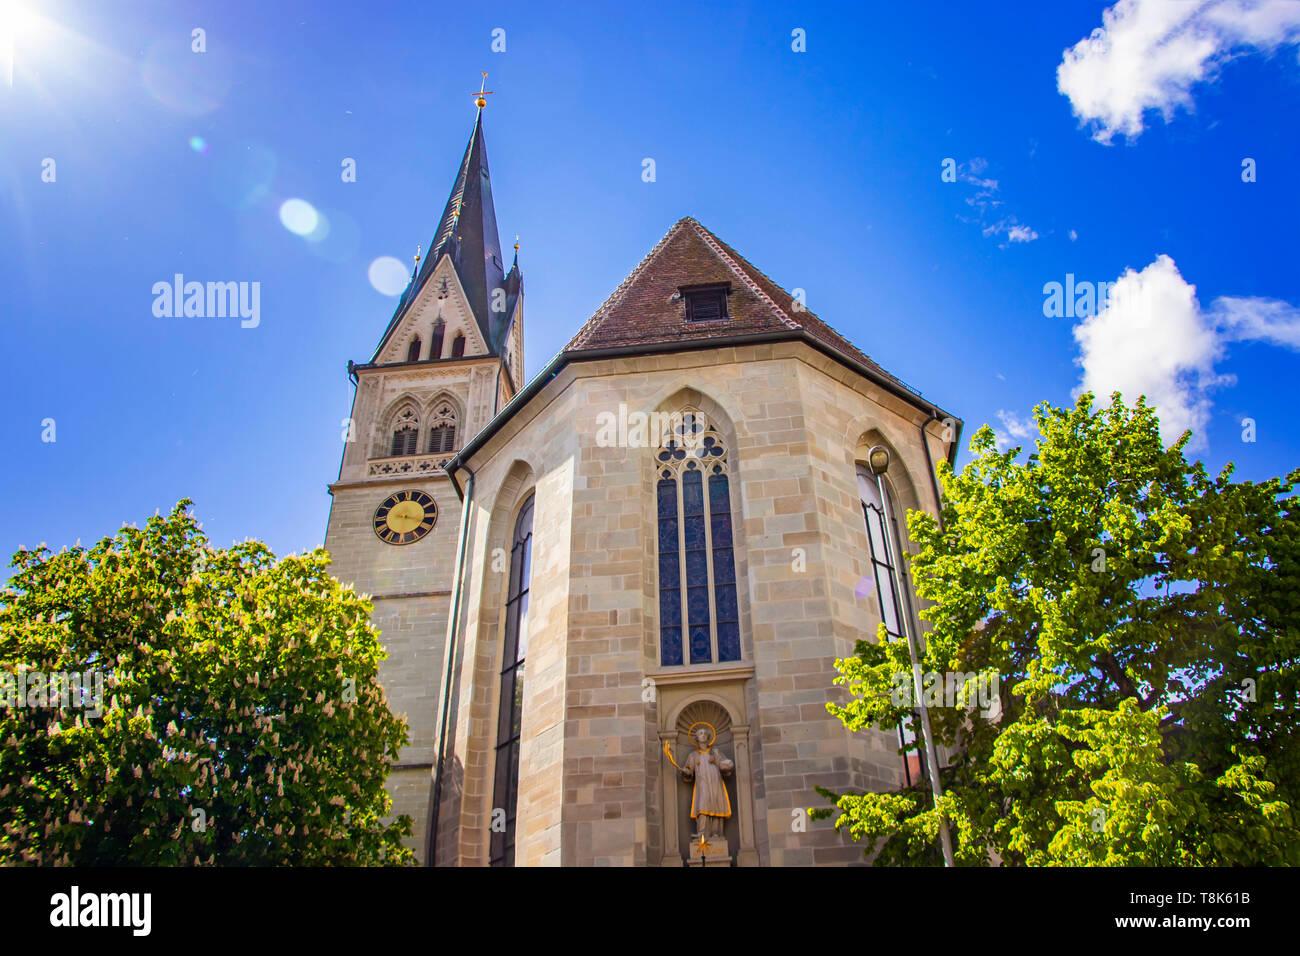 Mütter Tempel in der Stadt Konstanz auf dem See Constace, Bodensee. Die Stadt liegt in Deutschland und der Schweiz. Es ist blauer Himmel im Hintergrund. Th Stockbild